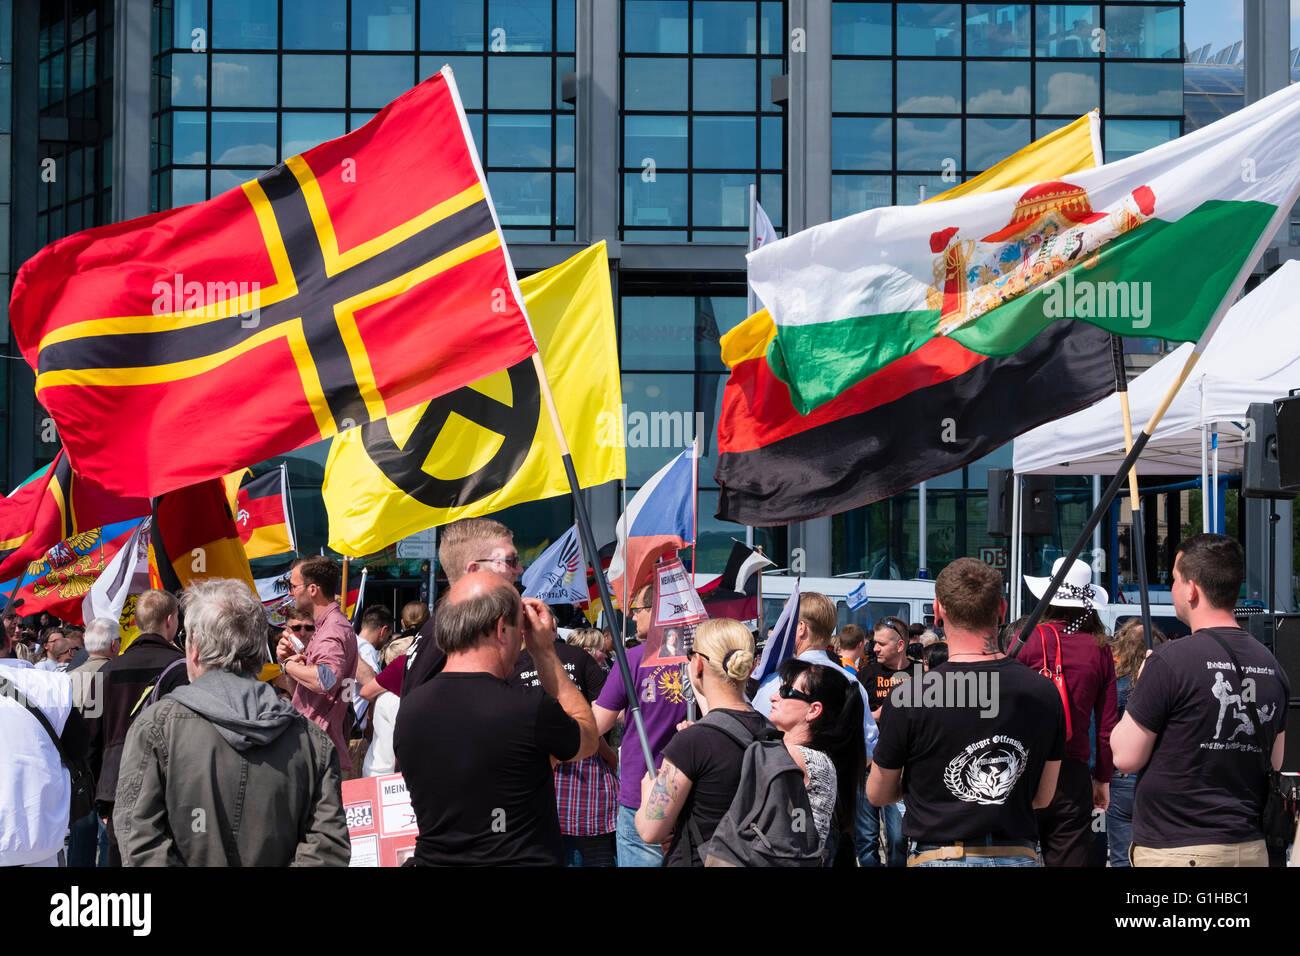 Di estrema destra dimostranti protestano contro l'Islam, rifugiati e Angela Merkel a Berlino Immagini Stock